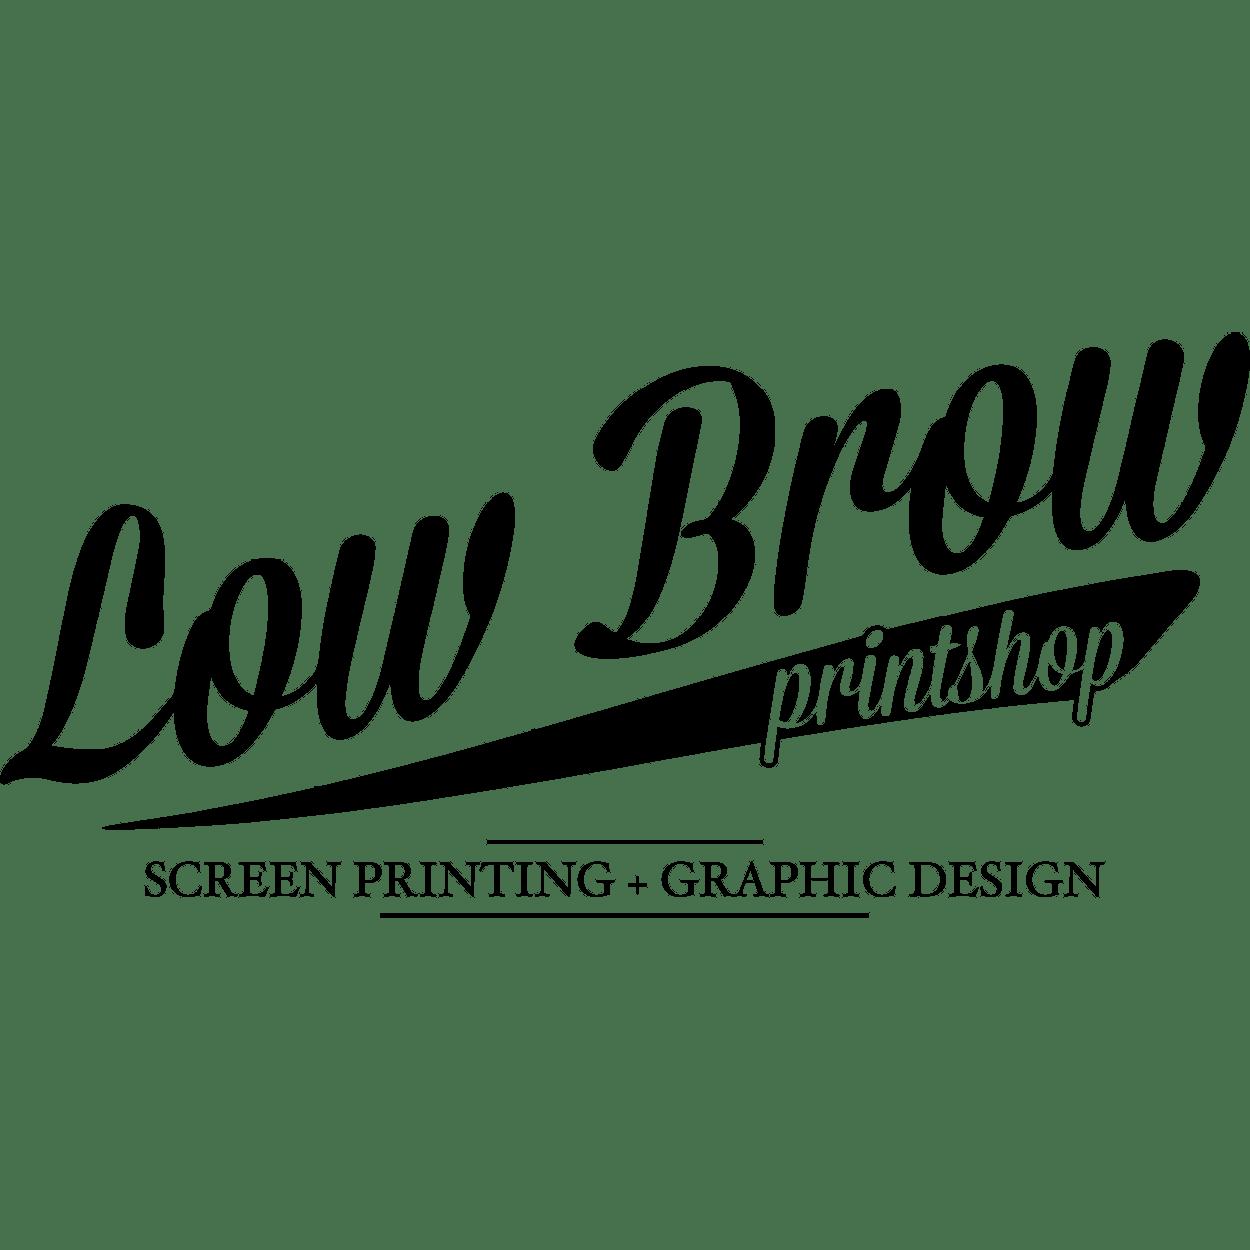 Low Brow logo